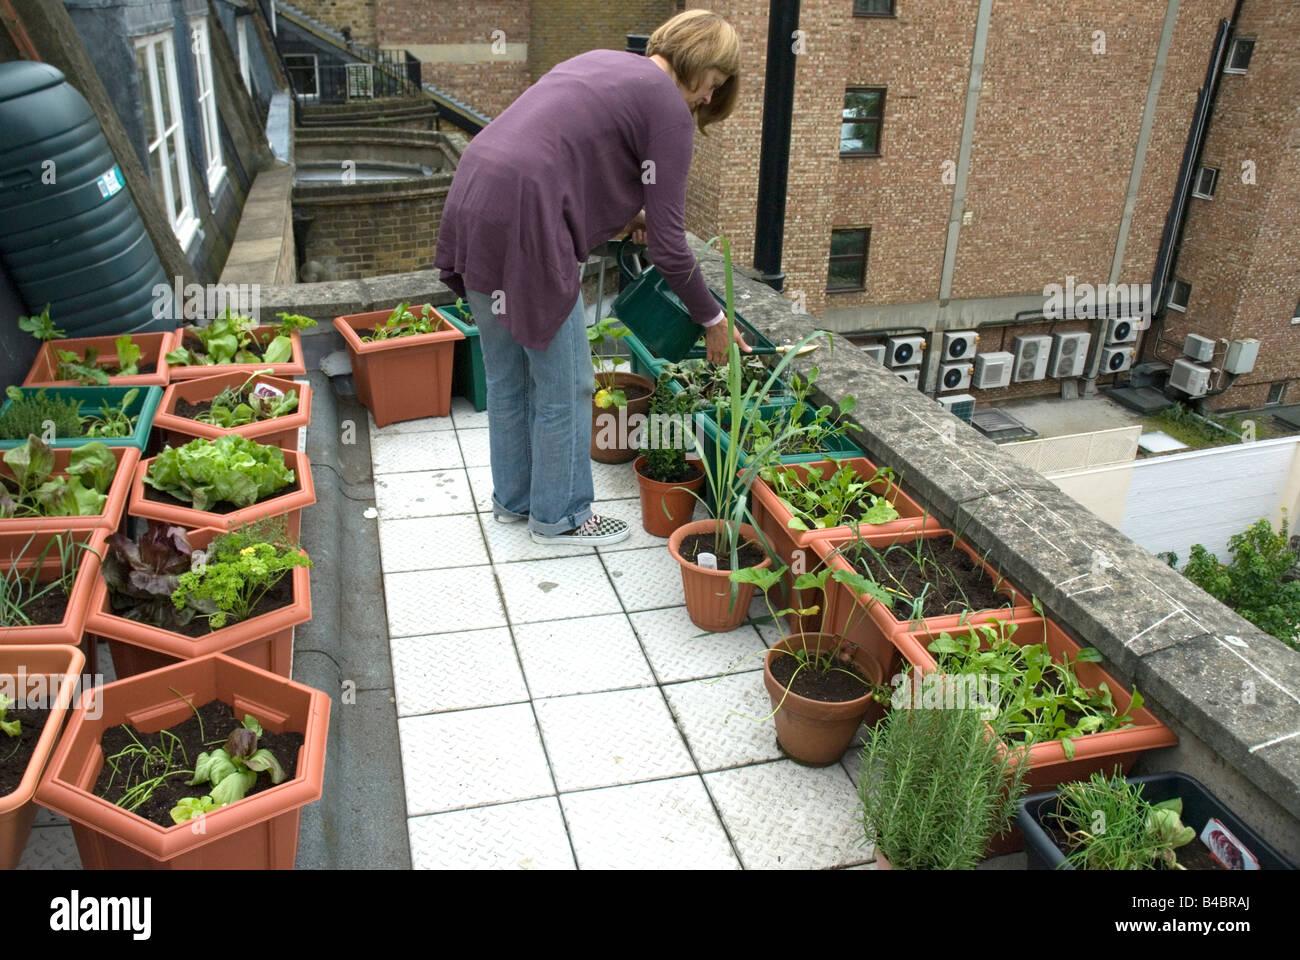 Rooftop Vegetable Garden Stock Photos Rooftop Vegetable Garden